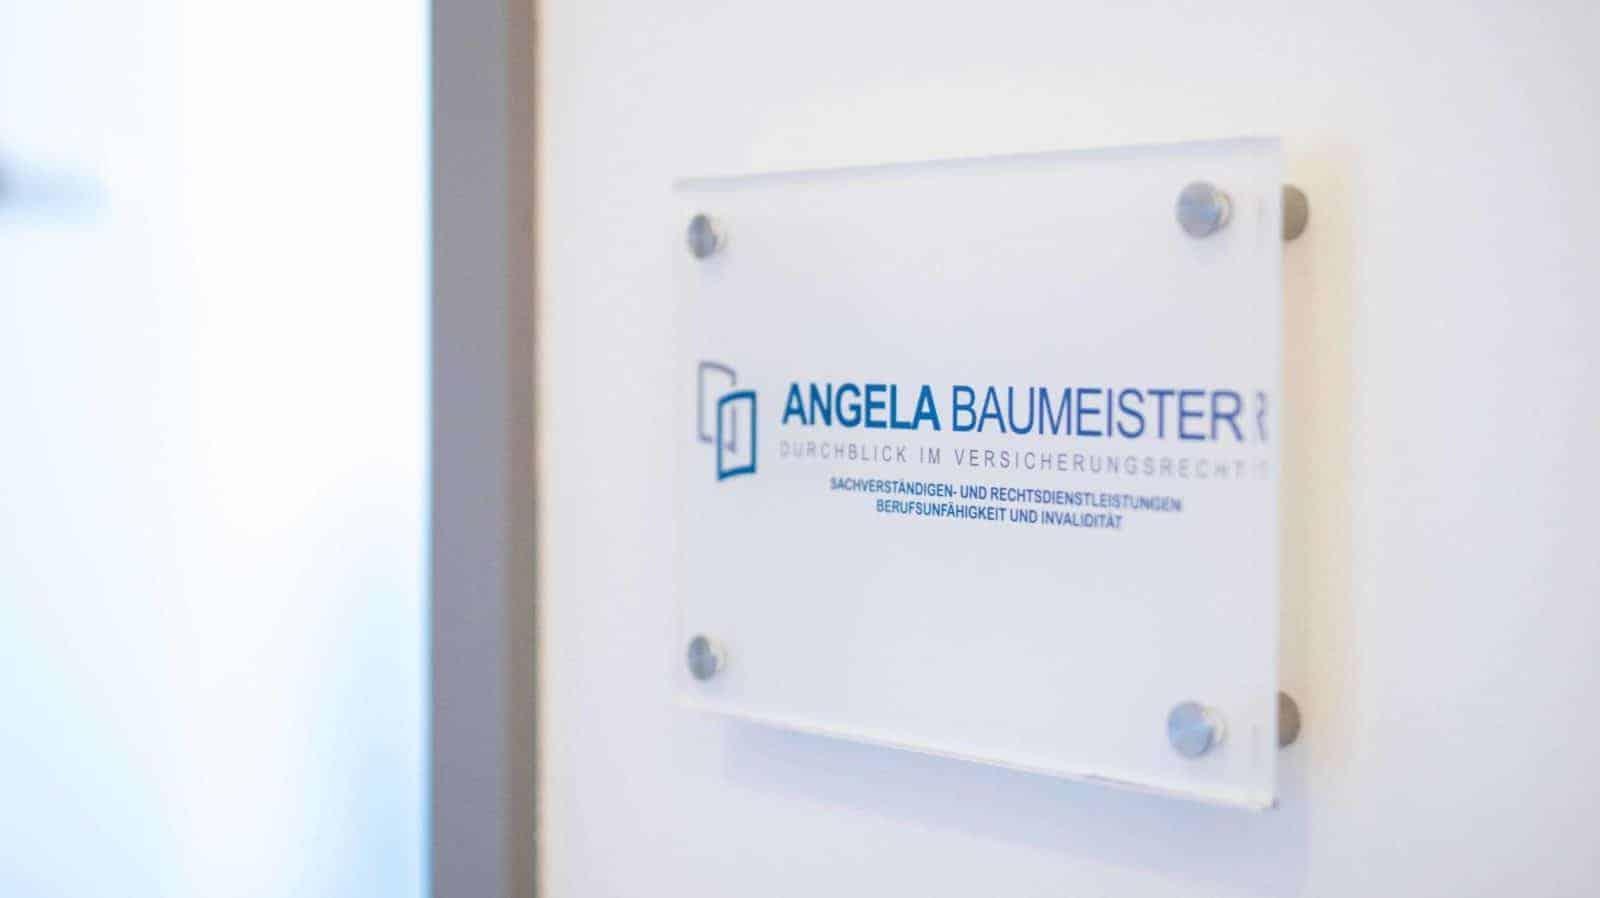 Angela Baumeister Kanzleischild